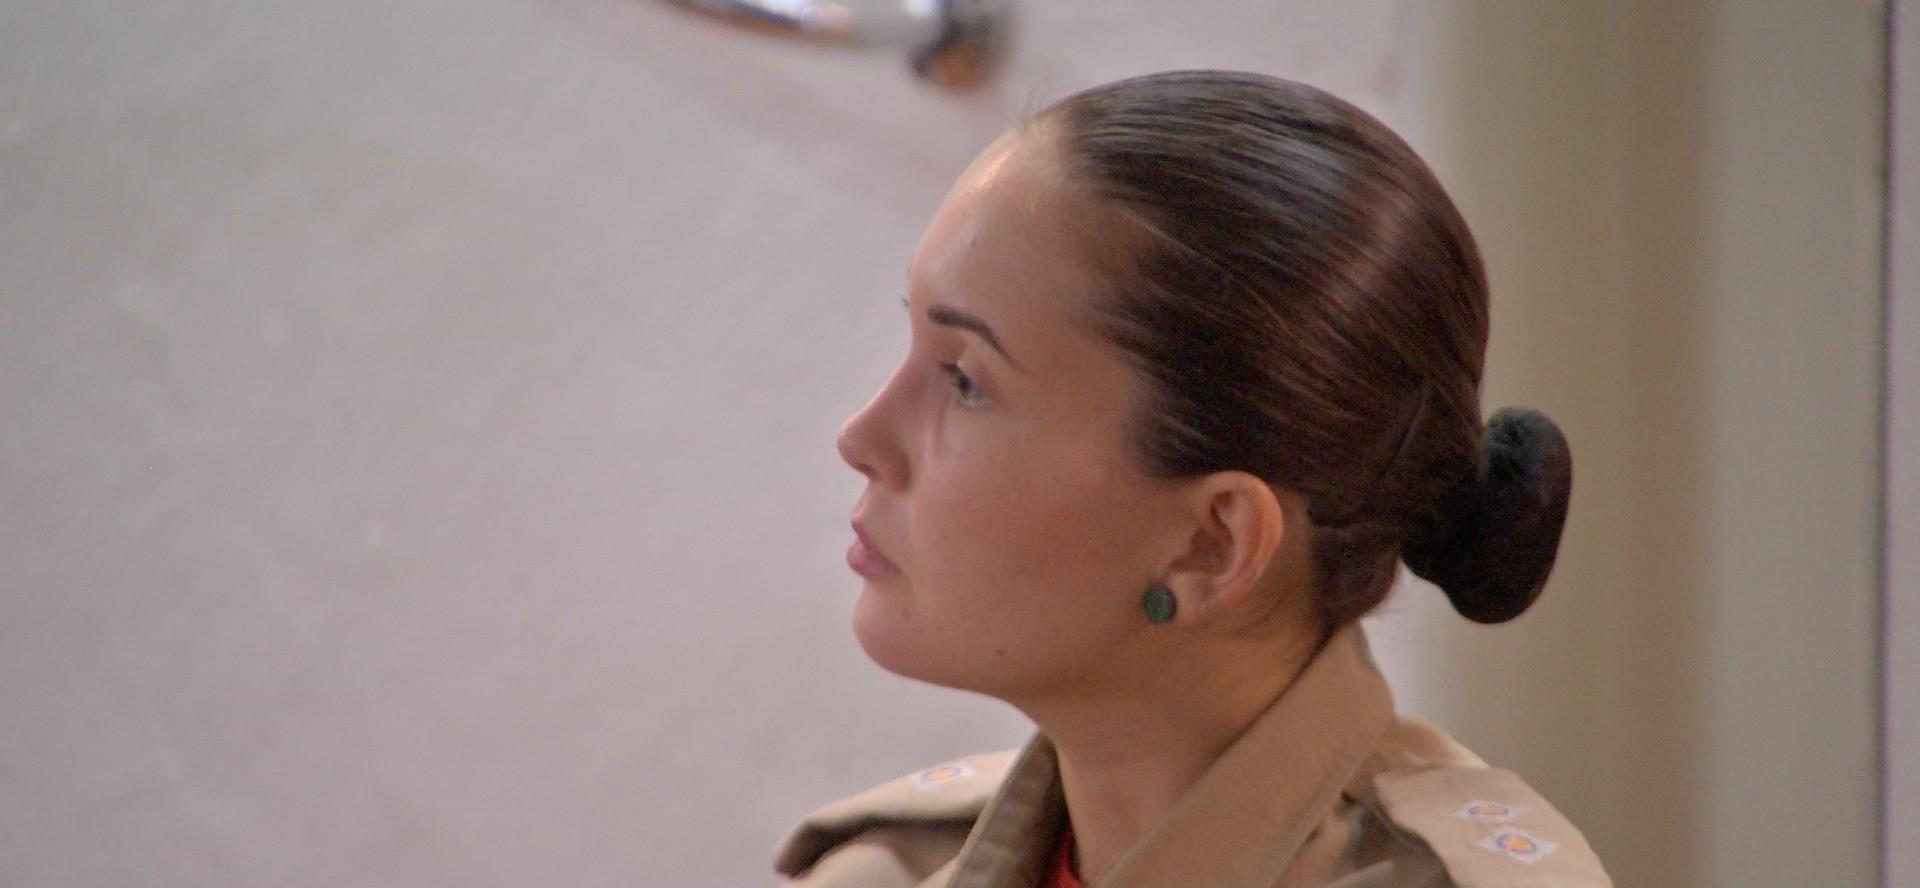 Ministério Público acredita que houve tortura e recorre de condenação de Izadora Ledur